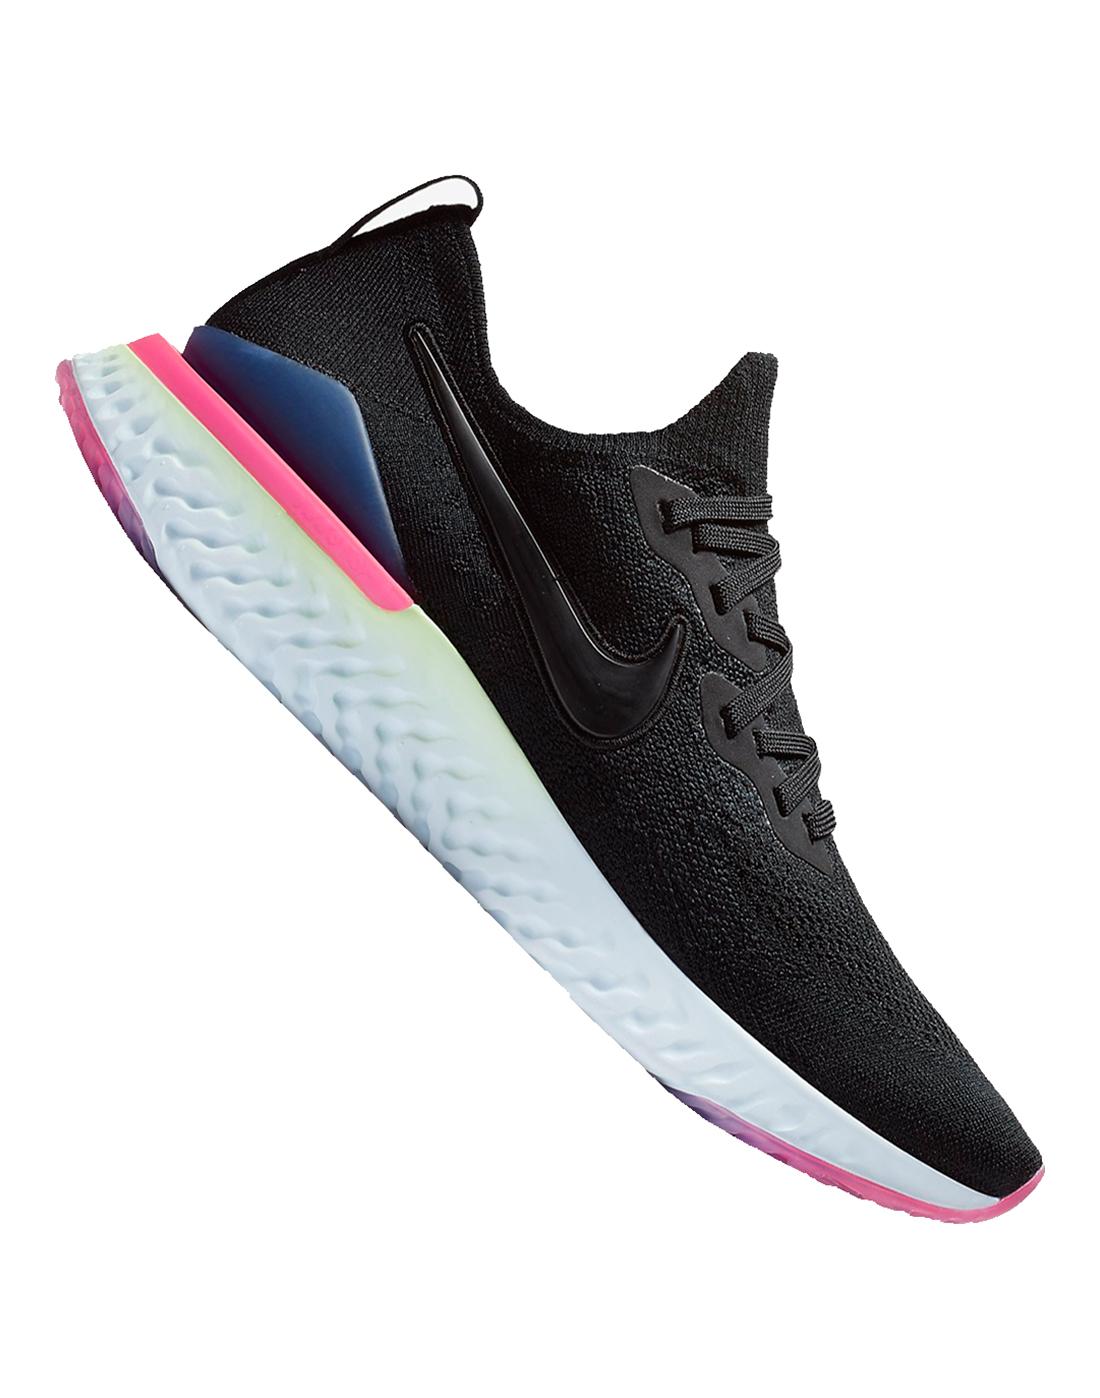 12a73371b6ff5 Men's Black Nike Epic React Flyknit 2 | Life Style Sports